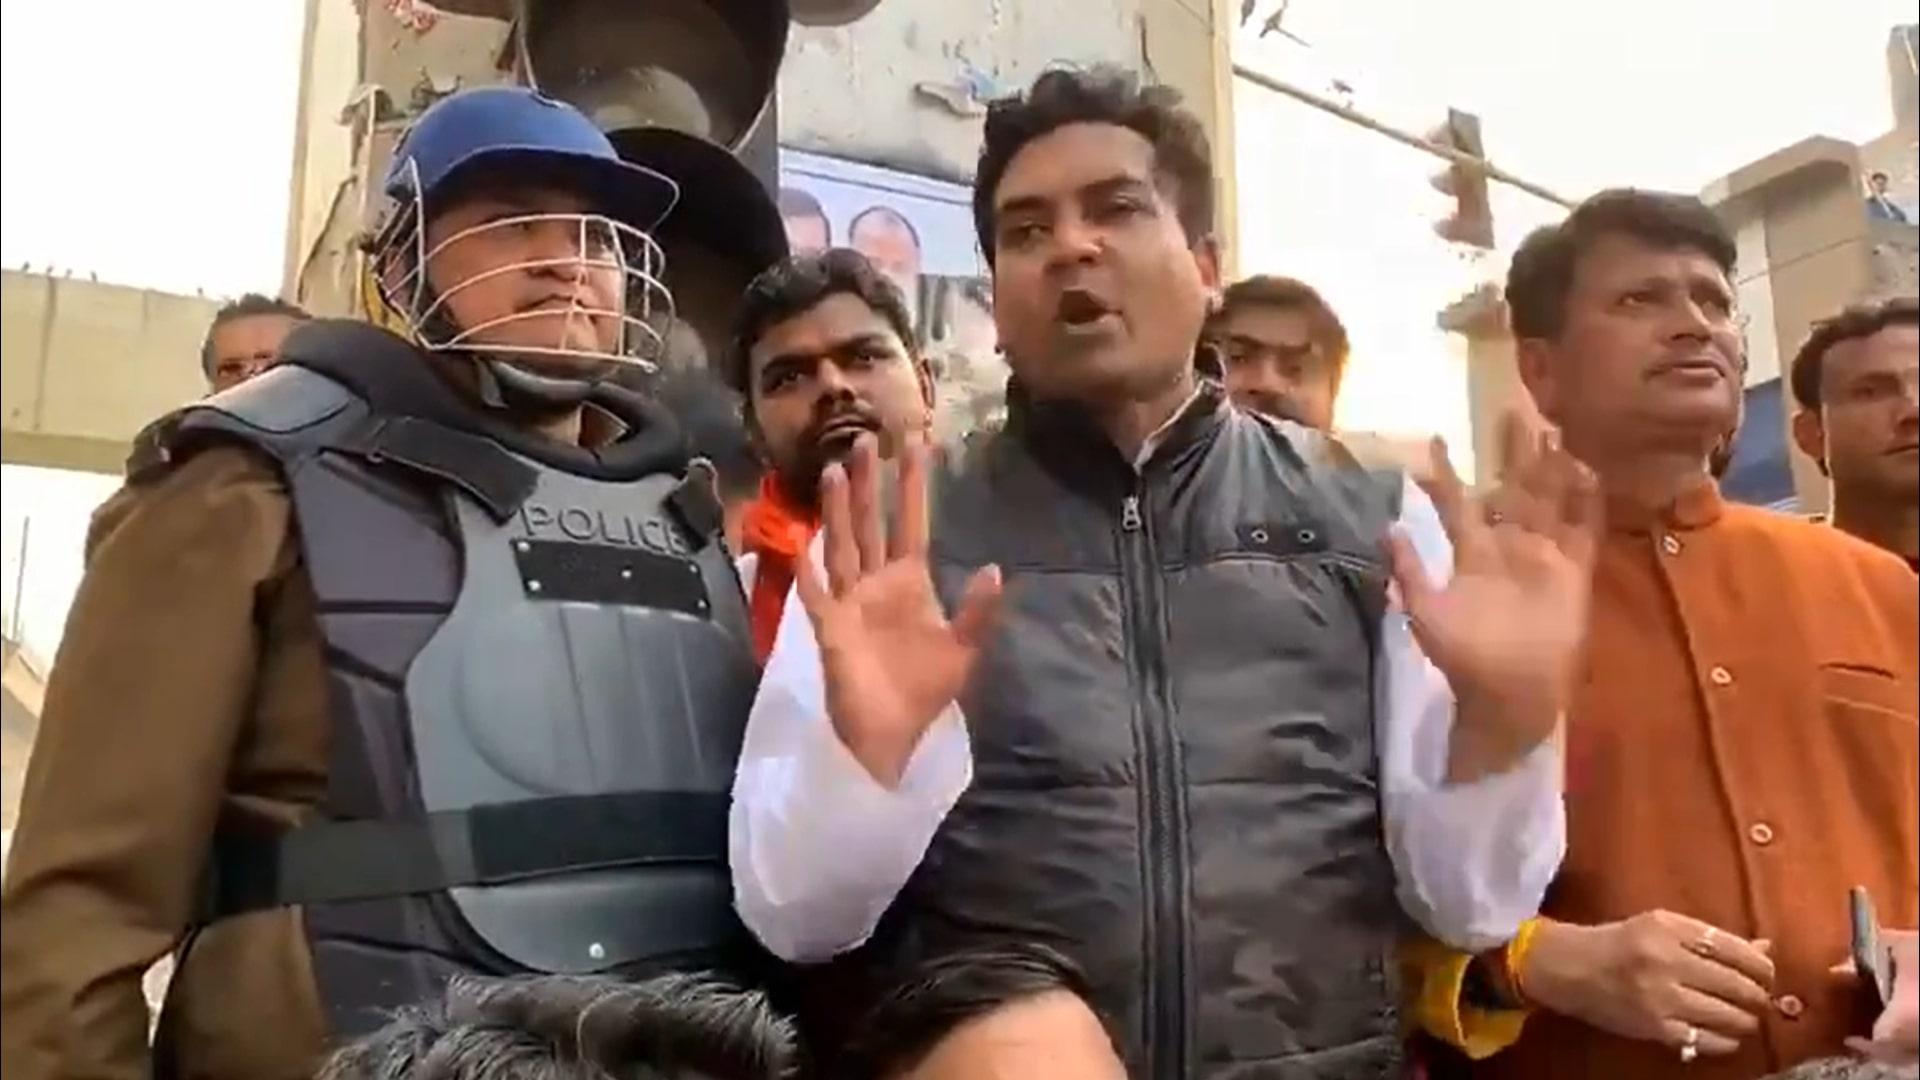 موج پور لال بتی کے قریب ڈی سی پی(نارتھ-ایسٹ)وید پرکاش سوریہ کےساتھ بی جے پی رہنما کپل مشرا(فوٹو : ویڈیو اسکرین گریب/ٹوئٹر)